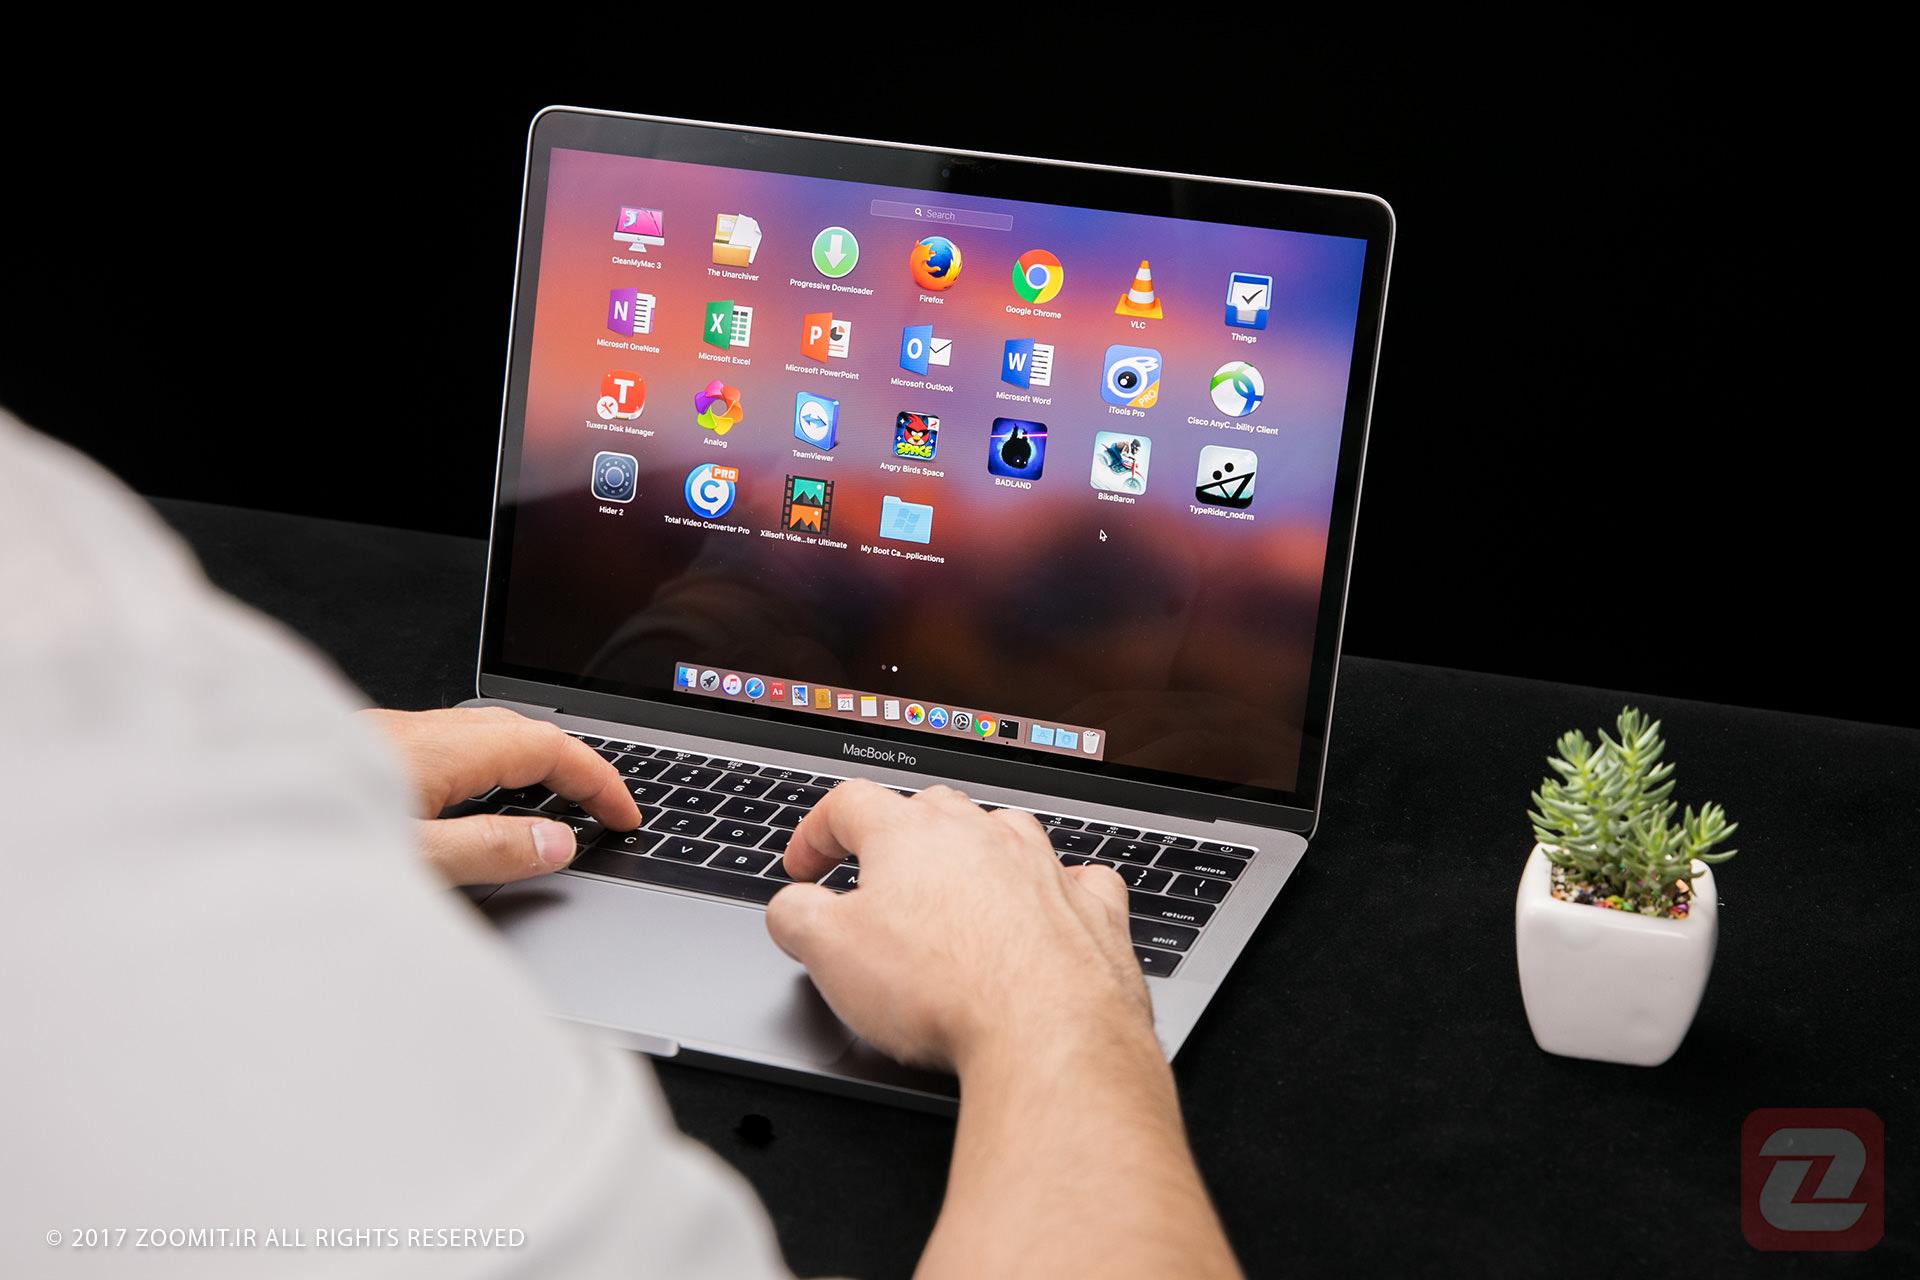 نگاهی به سیستم عامل Mac OS X و تاریخچه آن